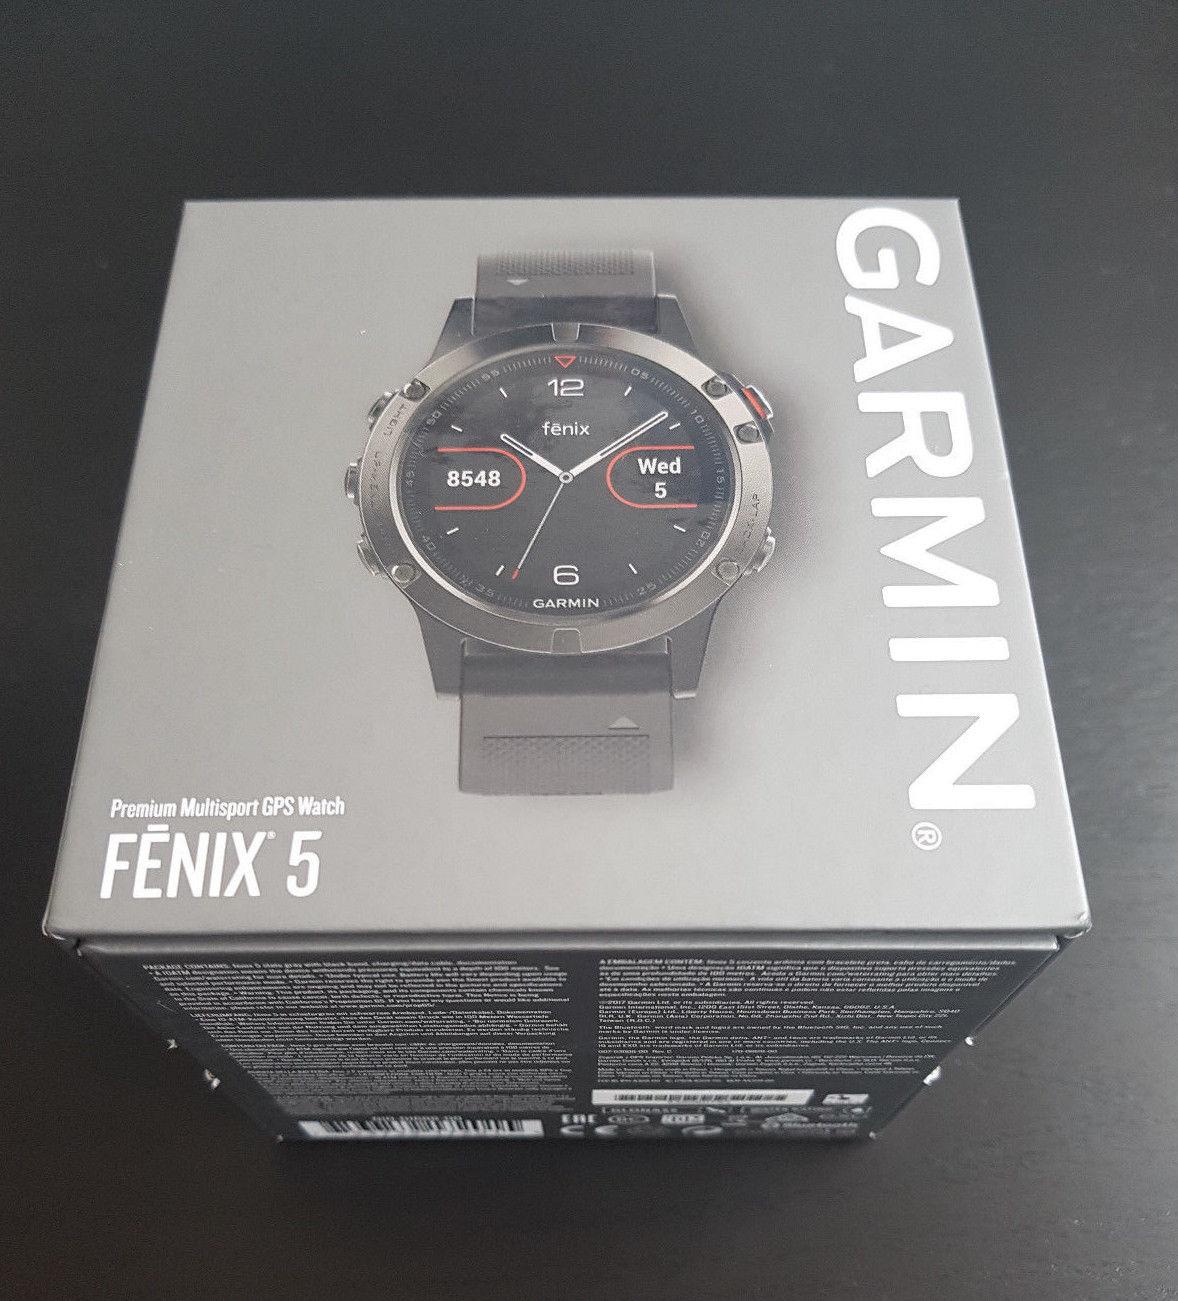 Garmin Fenix 5 - GPS Uhr / Smartwatch / Sport - neu, unbenutzt - OVP - Garantie